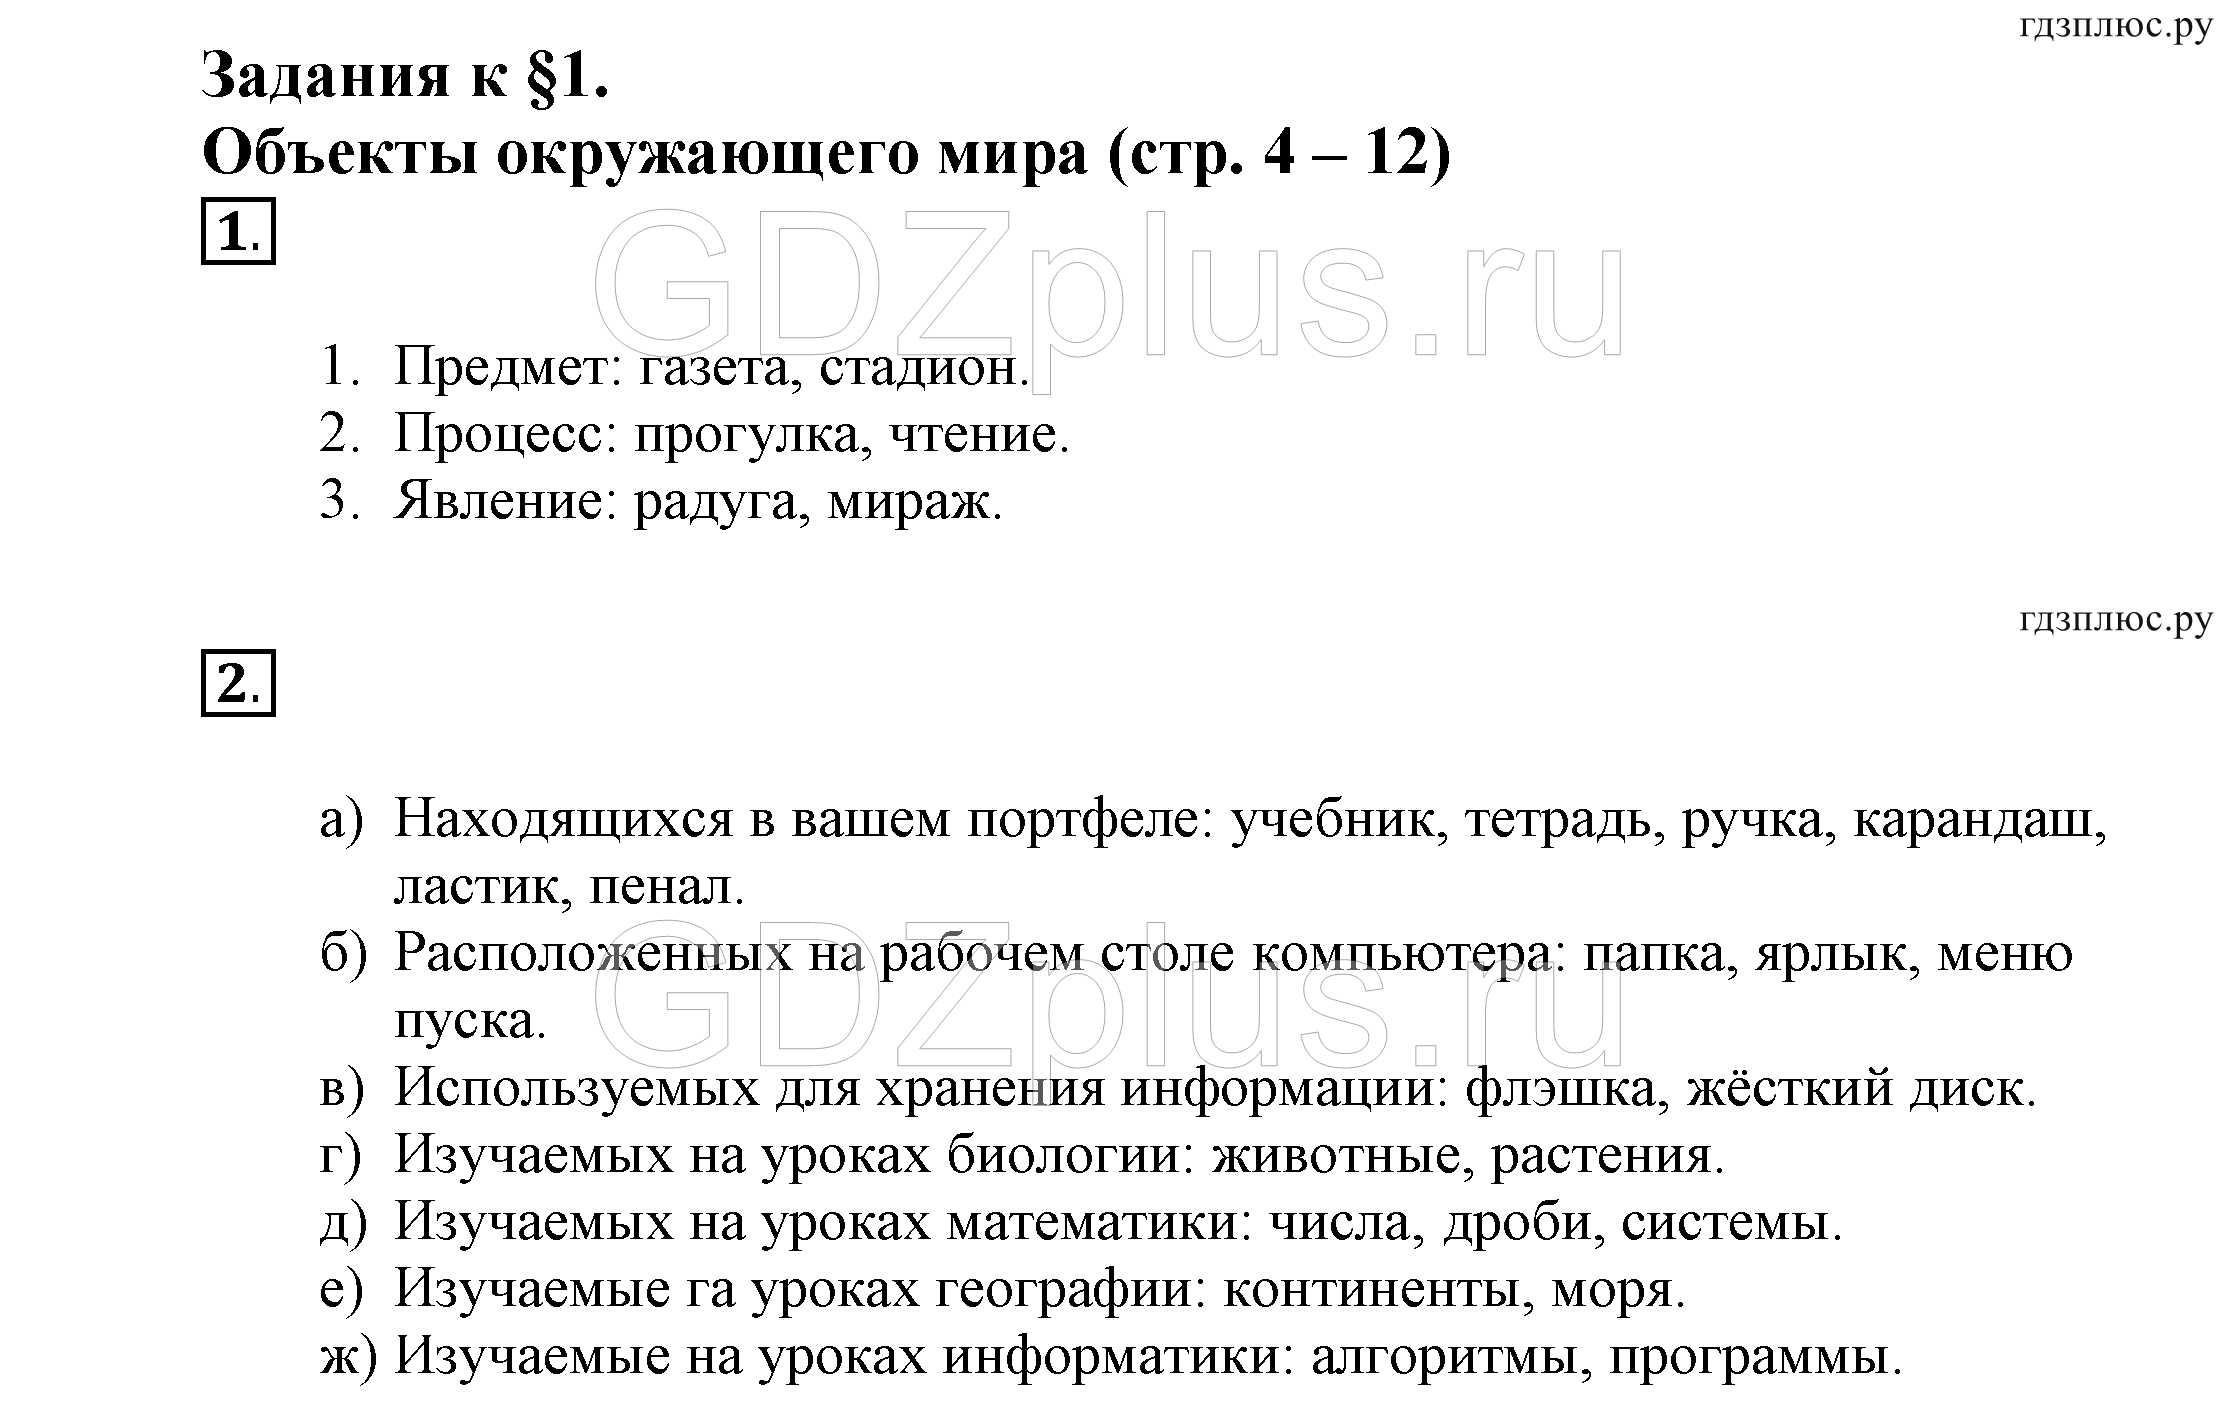 Задания из учебника: с.3  - решебник №3